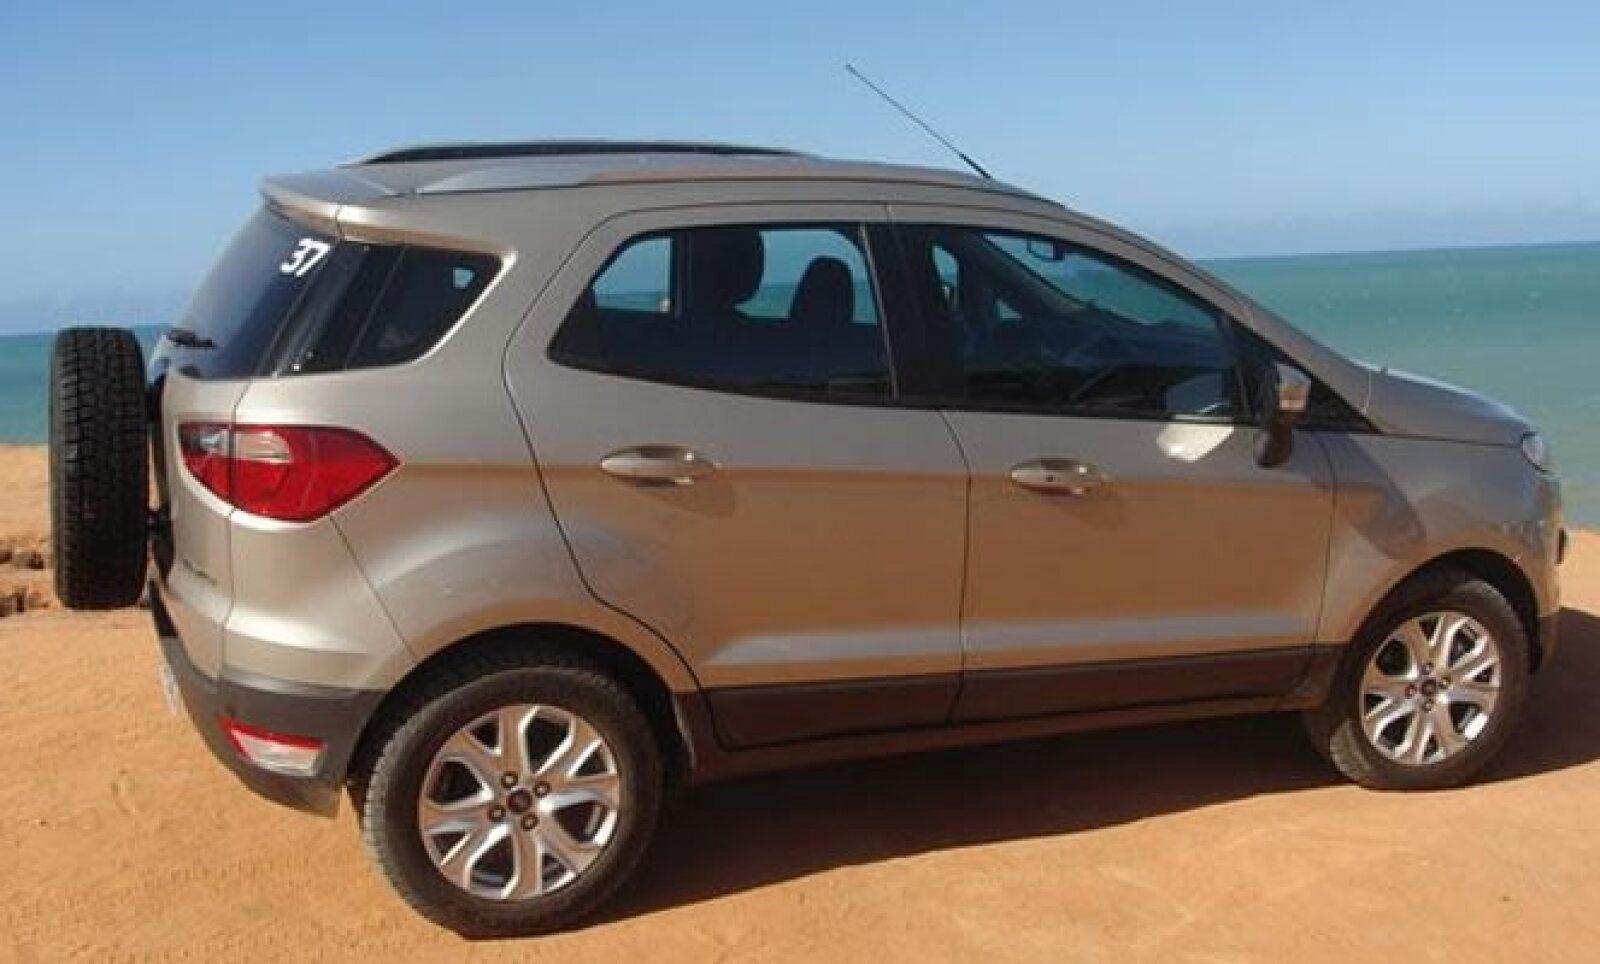 El vehículo ofrece un estilo deportivo con una buena aerodinámica que busca contribuir en la eficiencia.